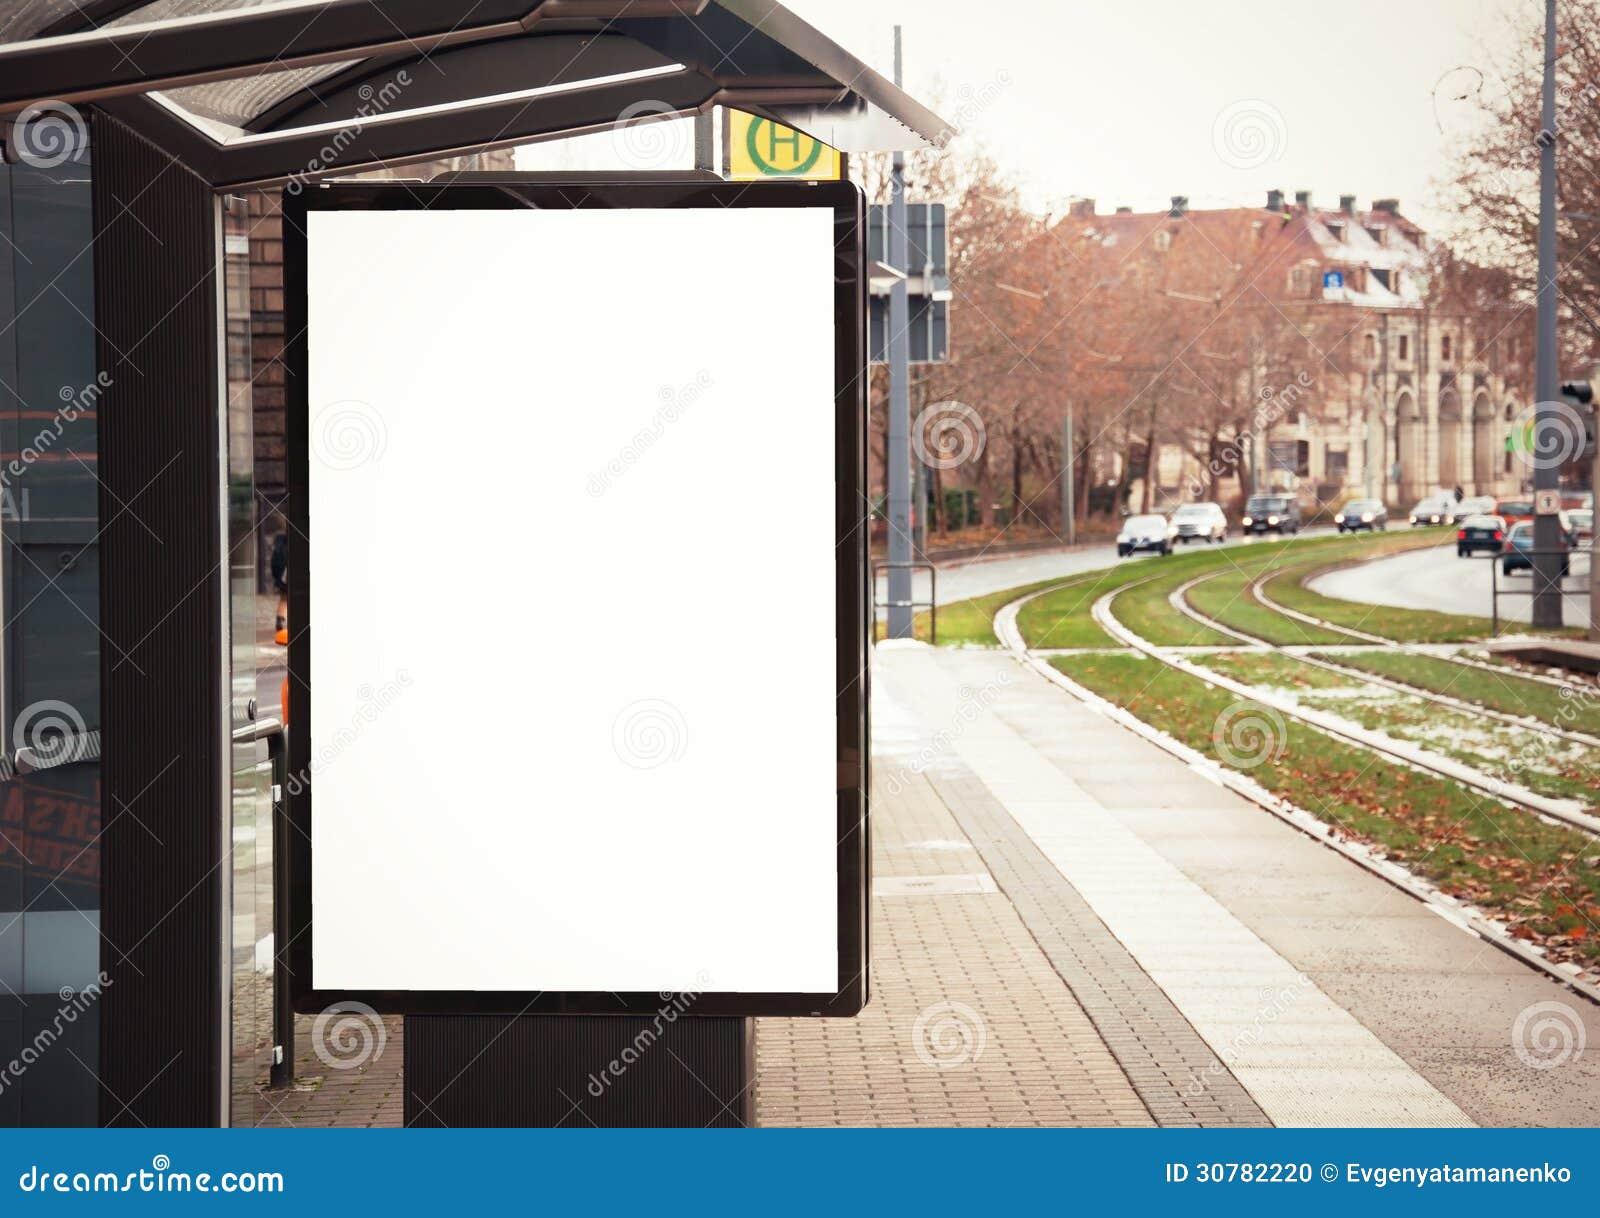 panneau d 39 affichage banni re vide blanche l 39 arr t d 39 autobus photo stock image du. Black Bedroom Furniture Sets. Home Design Ideas